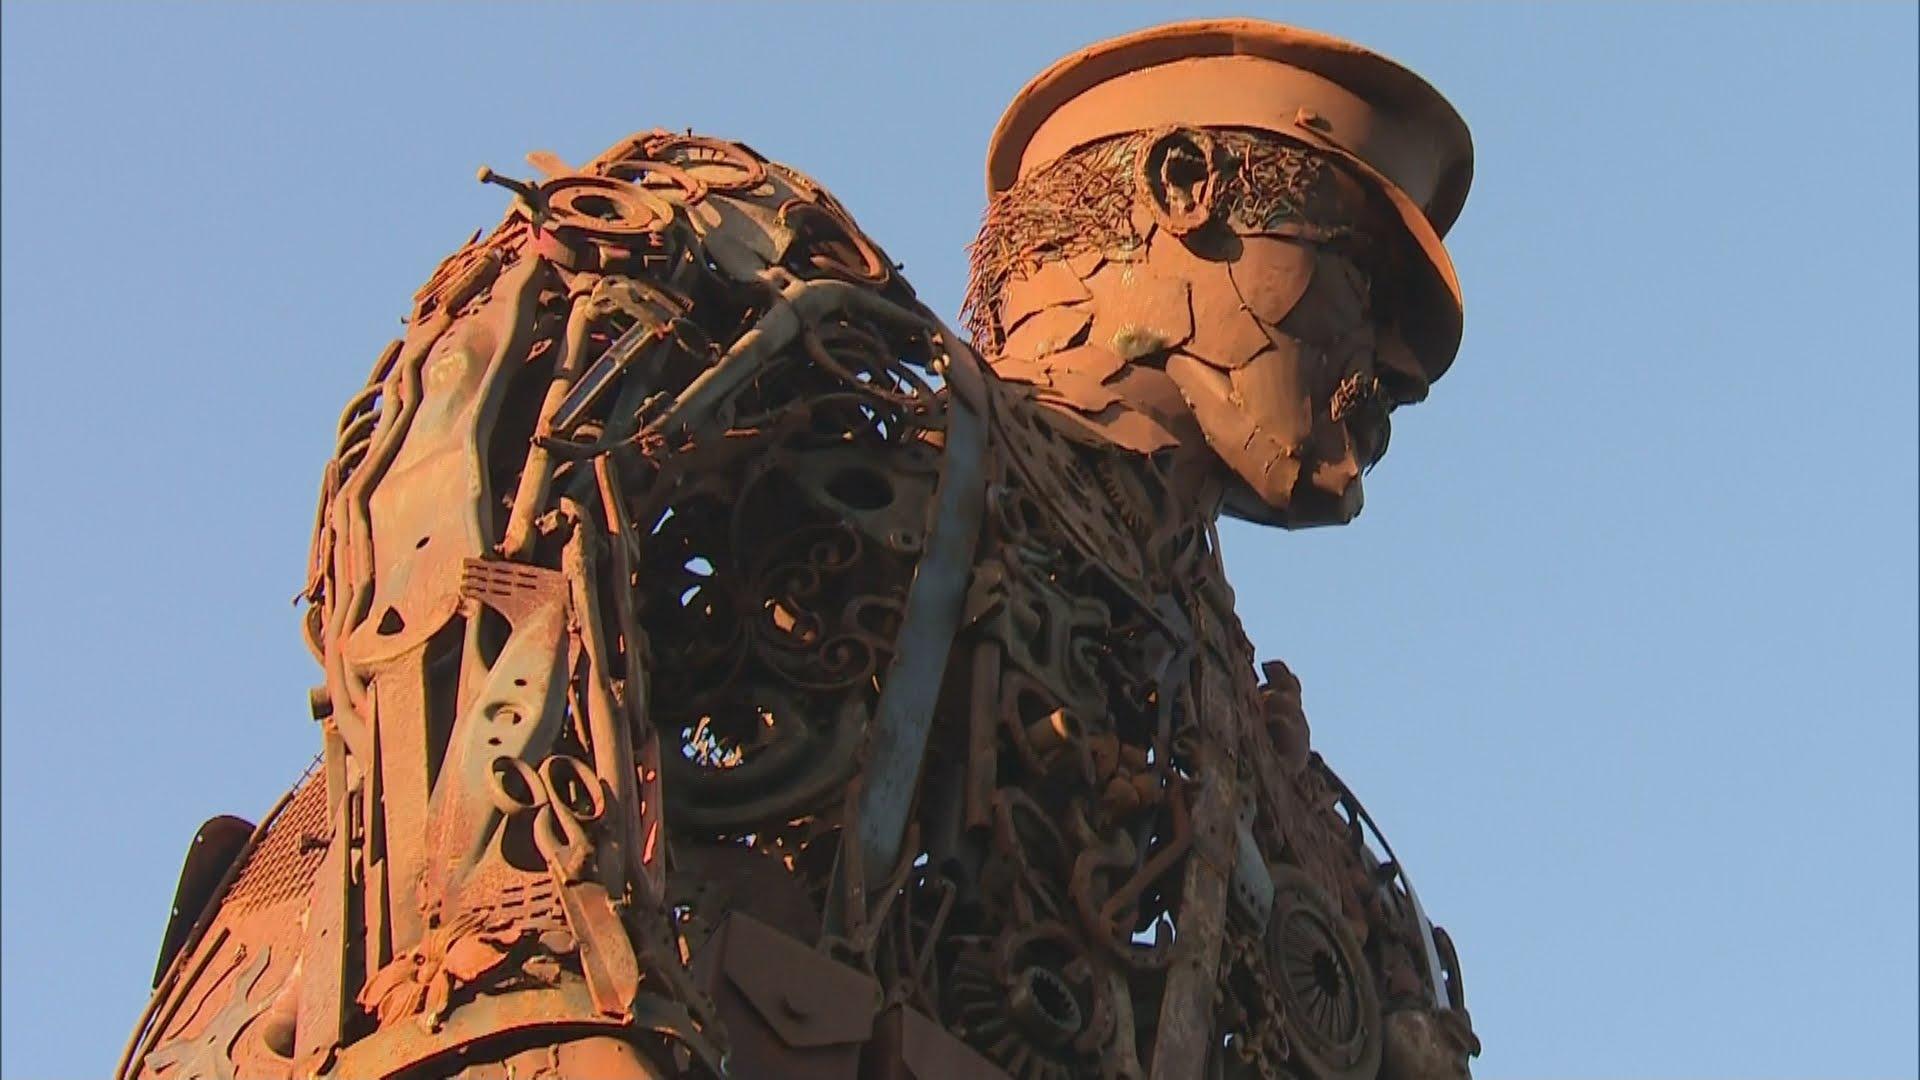 VIDEO: Fantastična skulptura od metalnog otpada